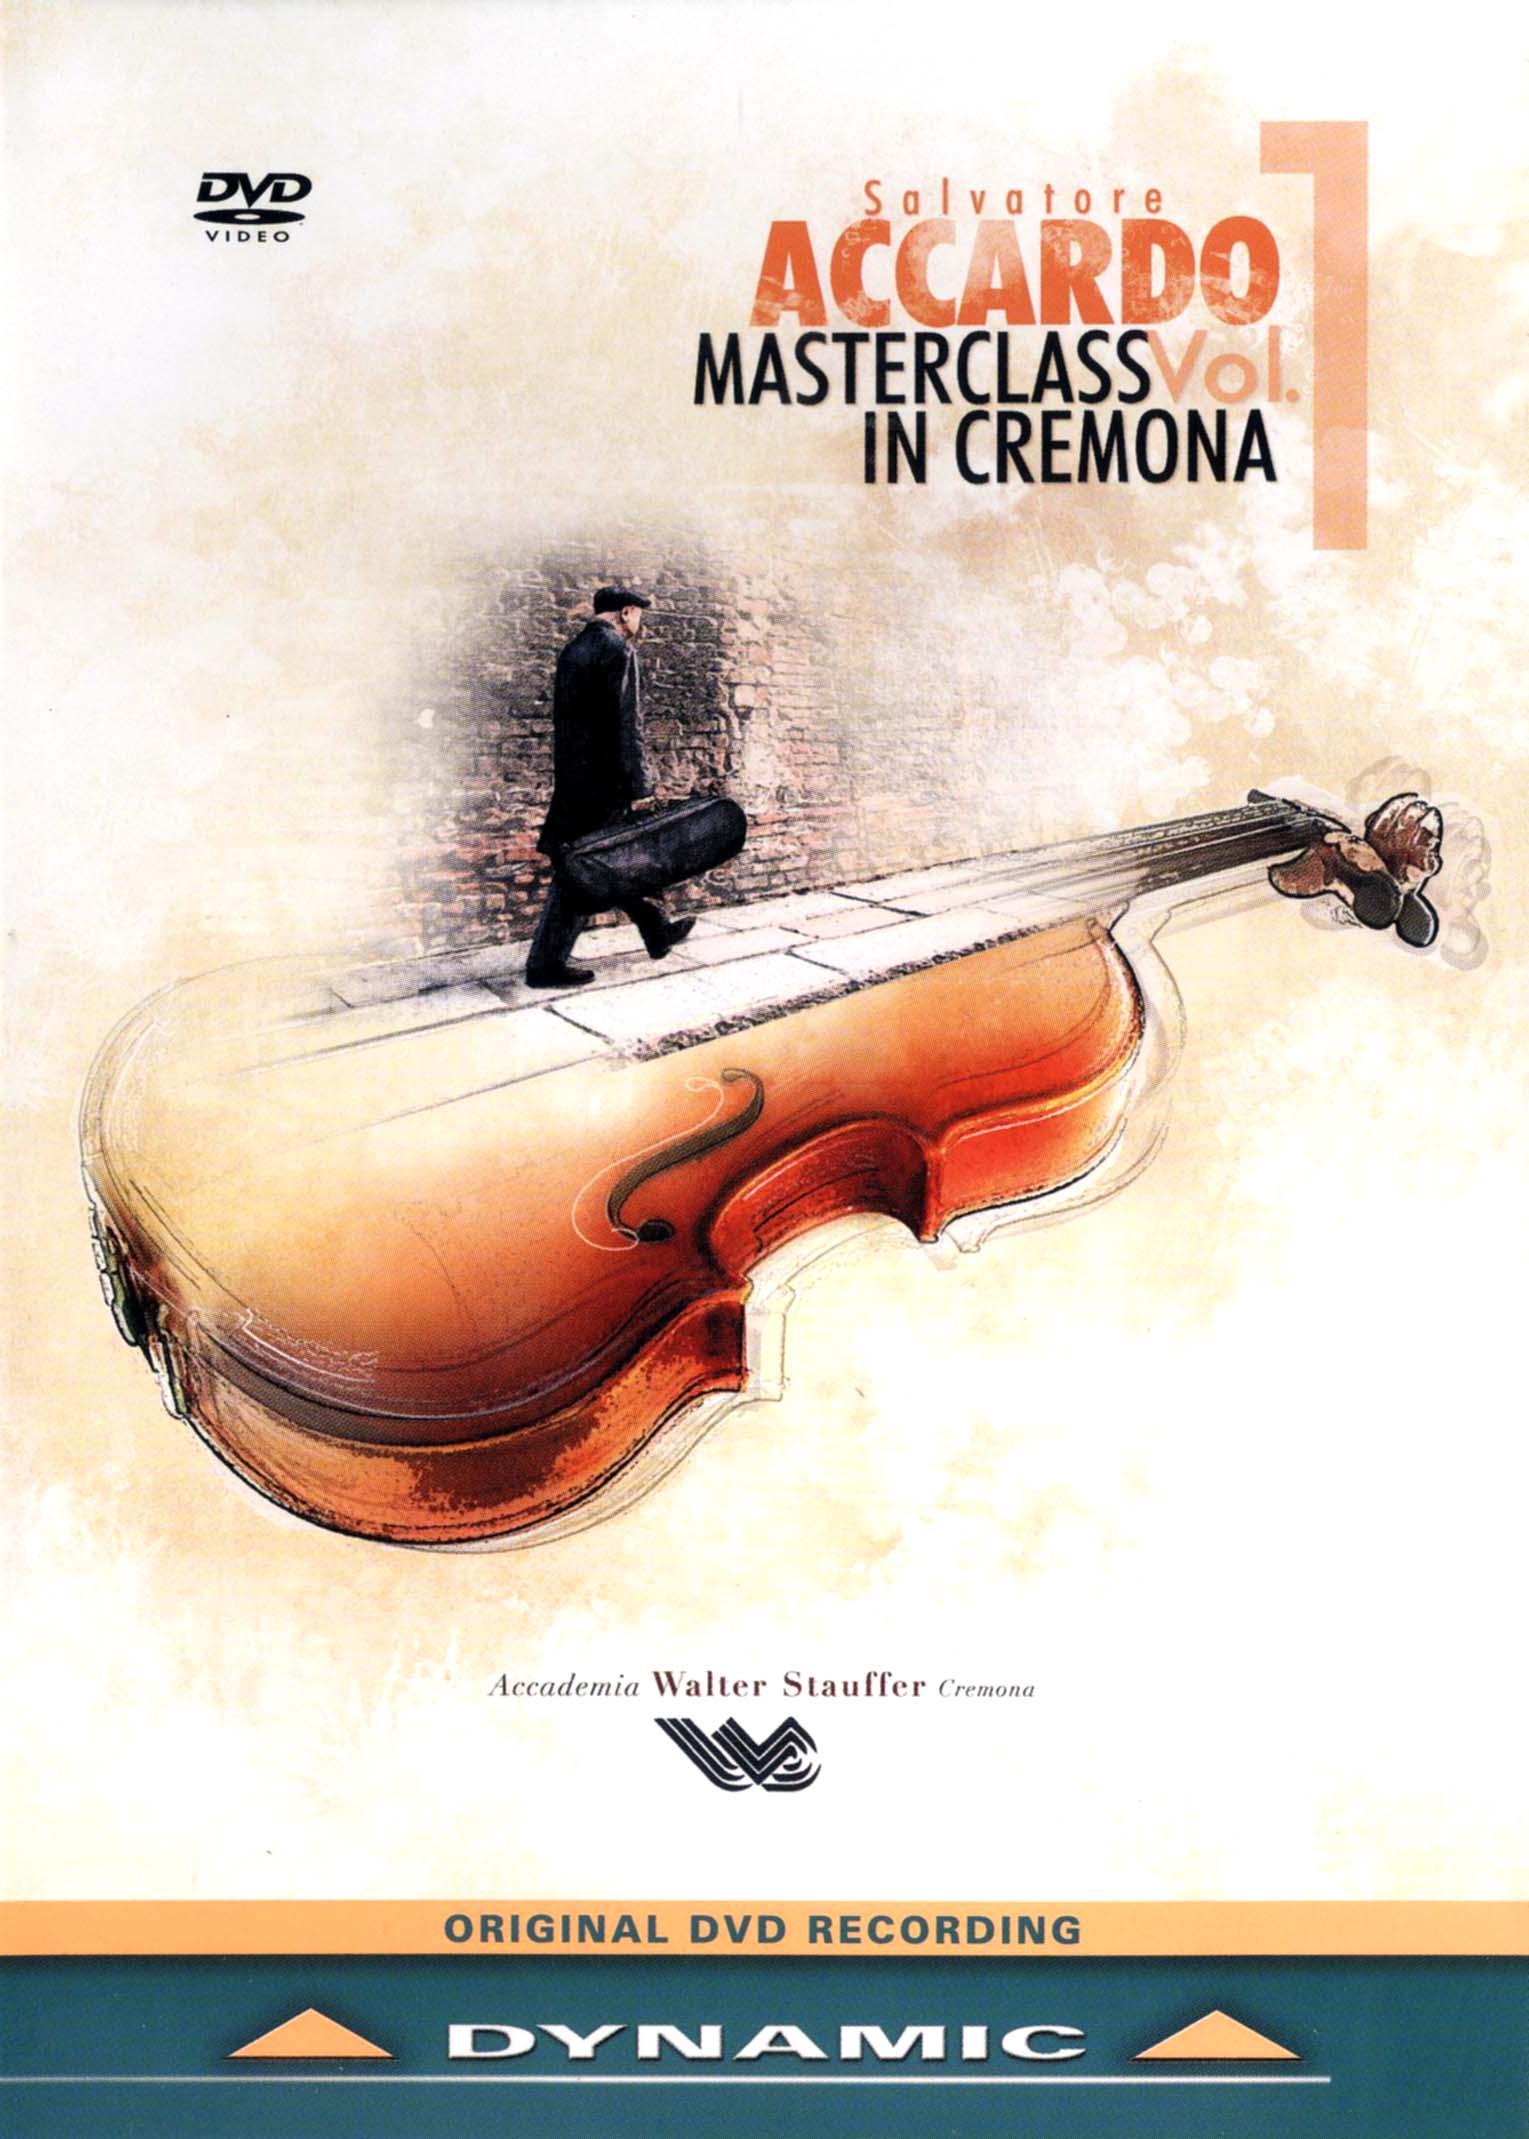 Salvatore Accardo: Masterclass in Cremona, Vol. 1